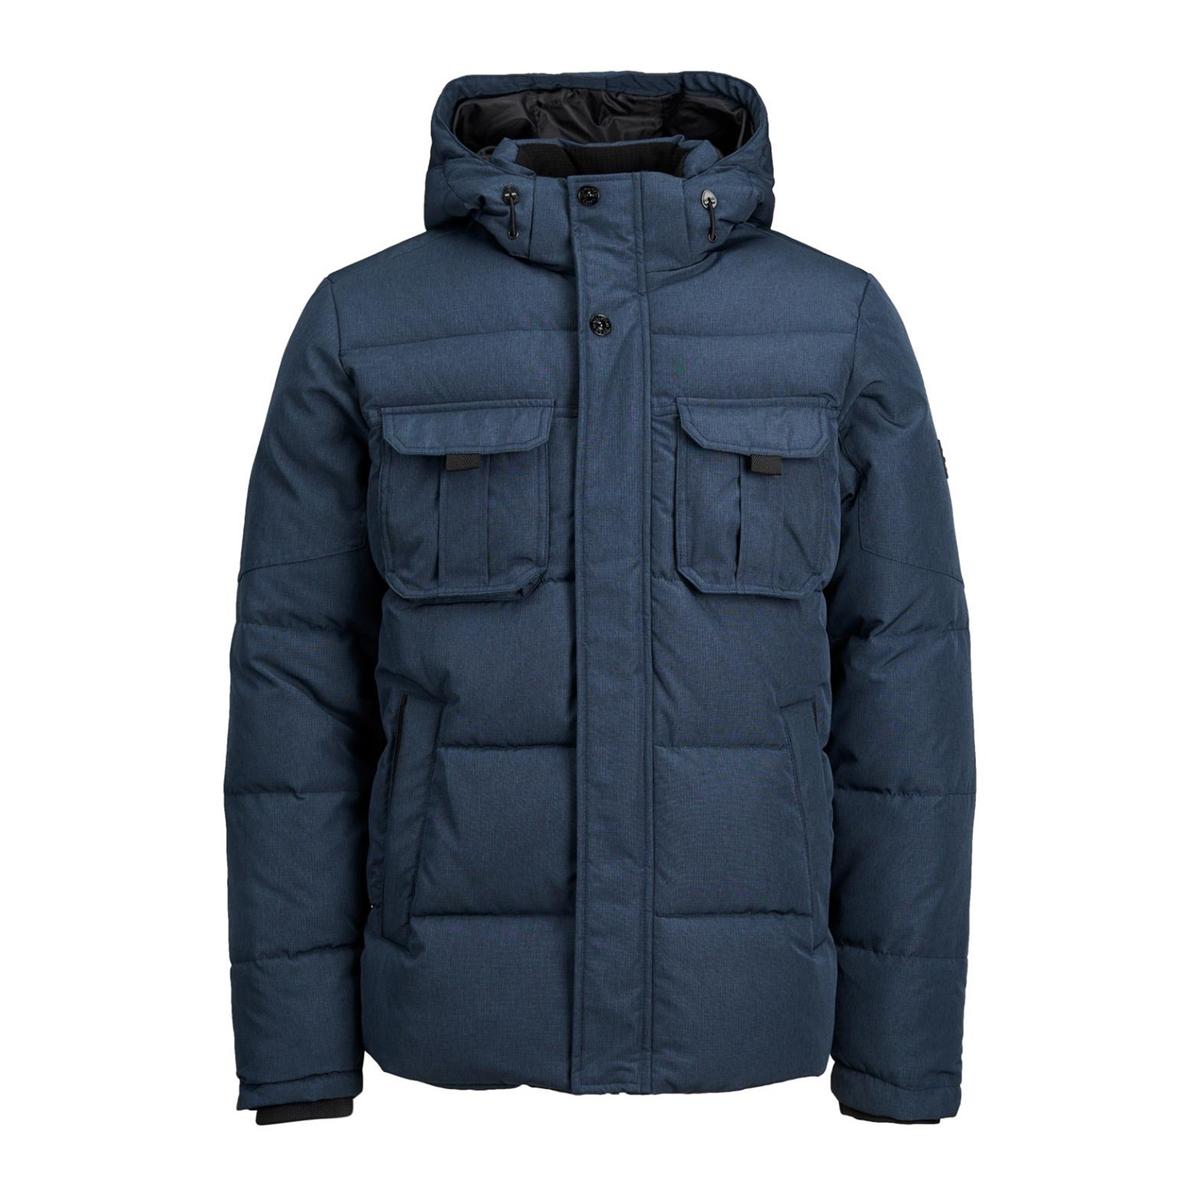 Куртка короткая с капюшоном, демисезонная модель